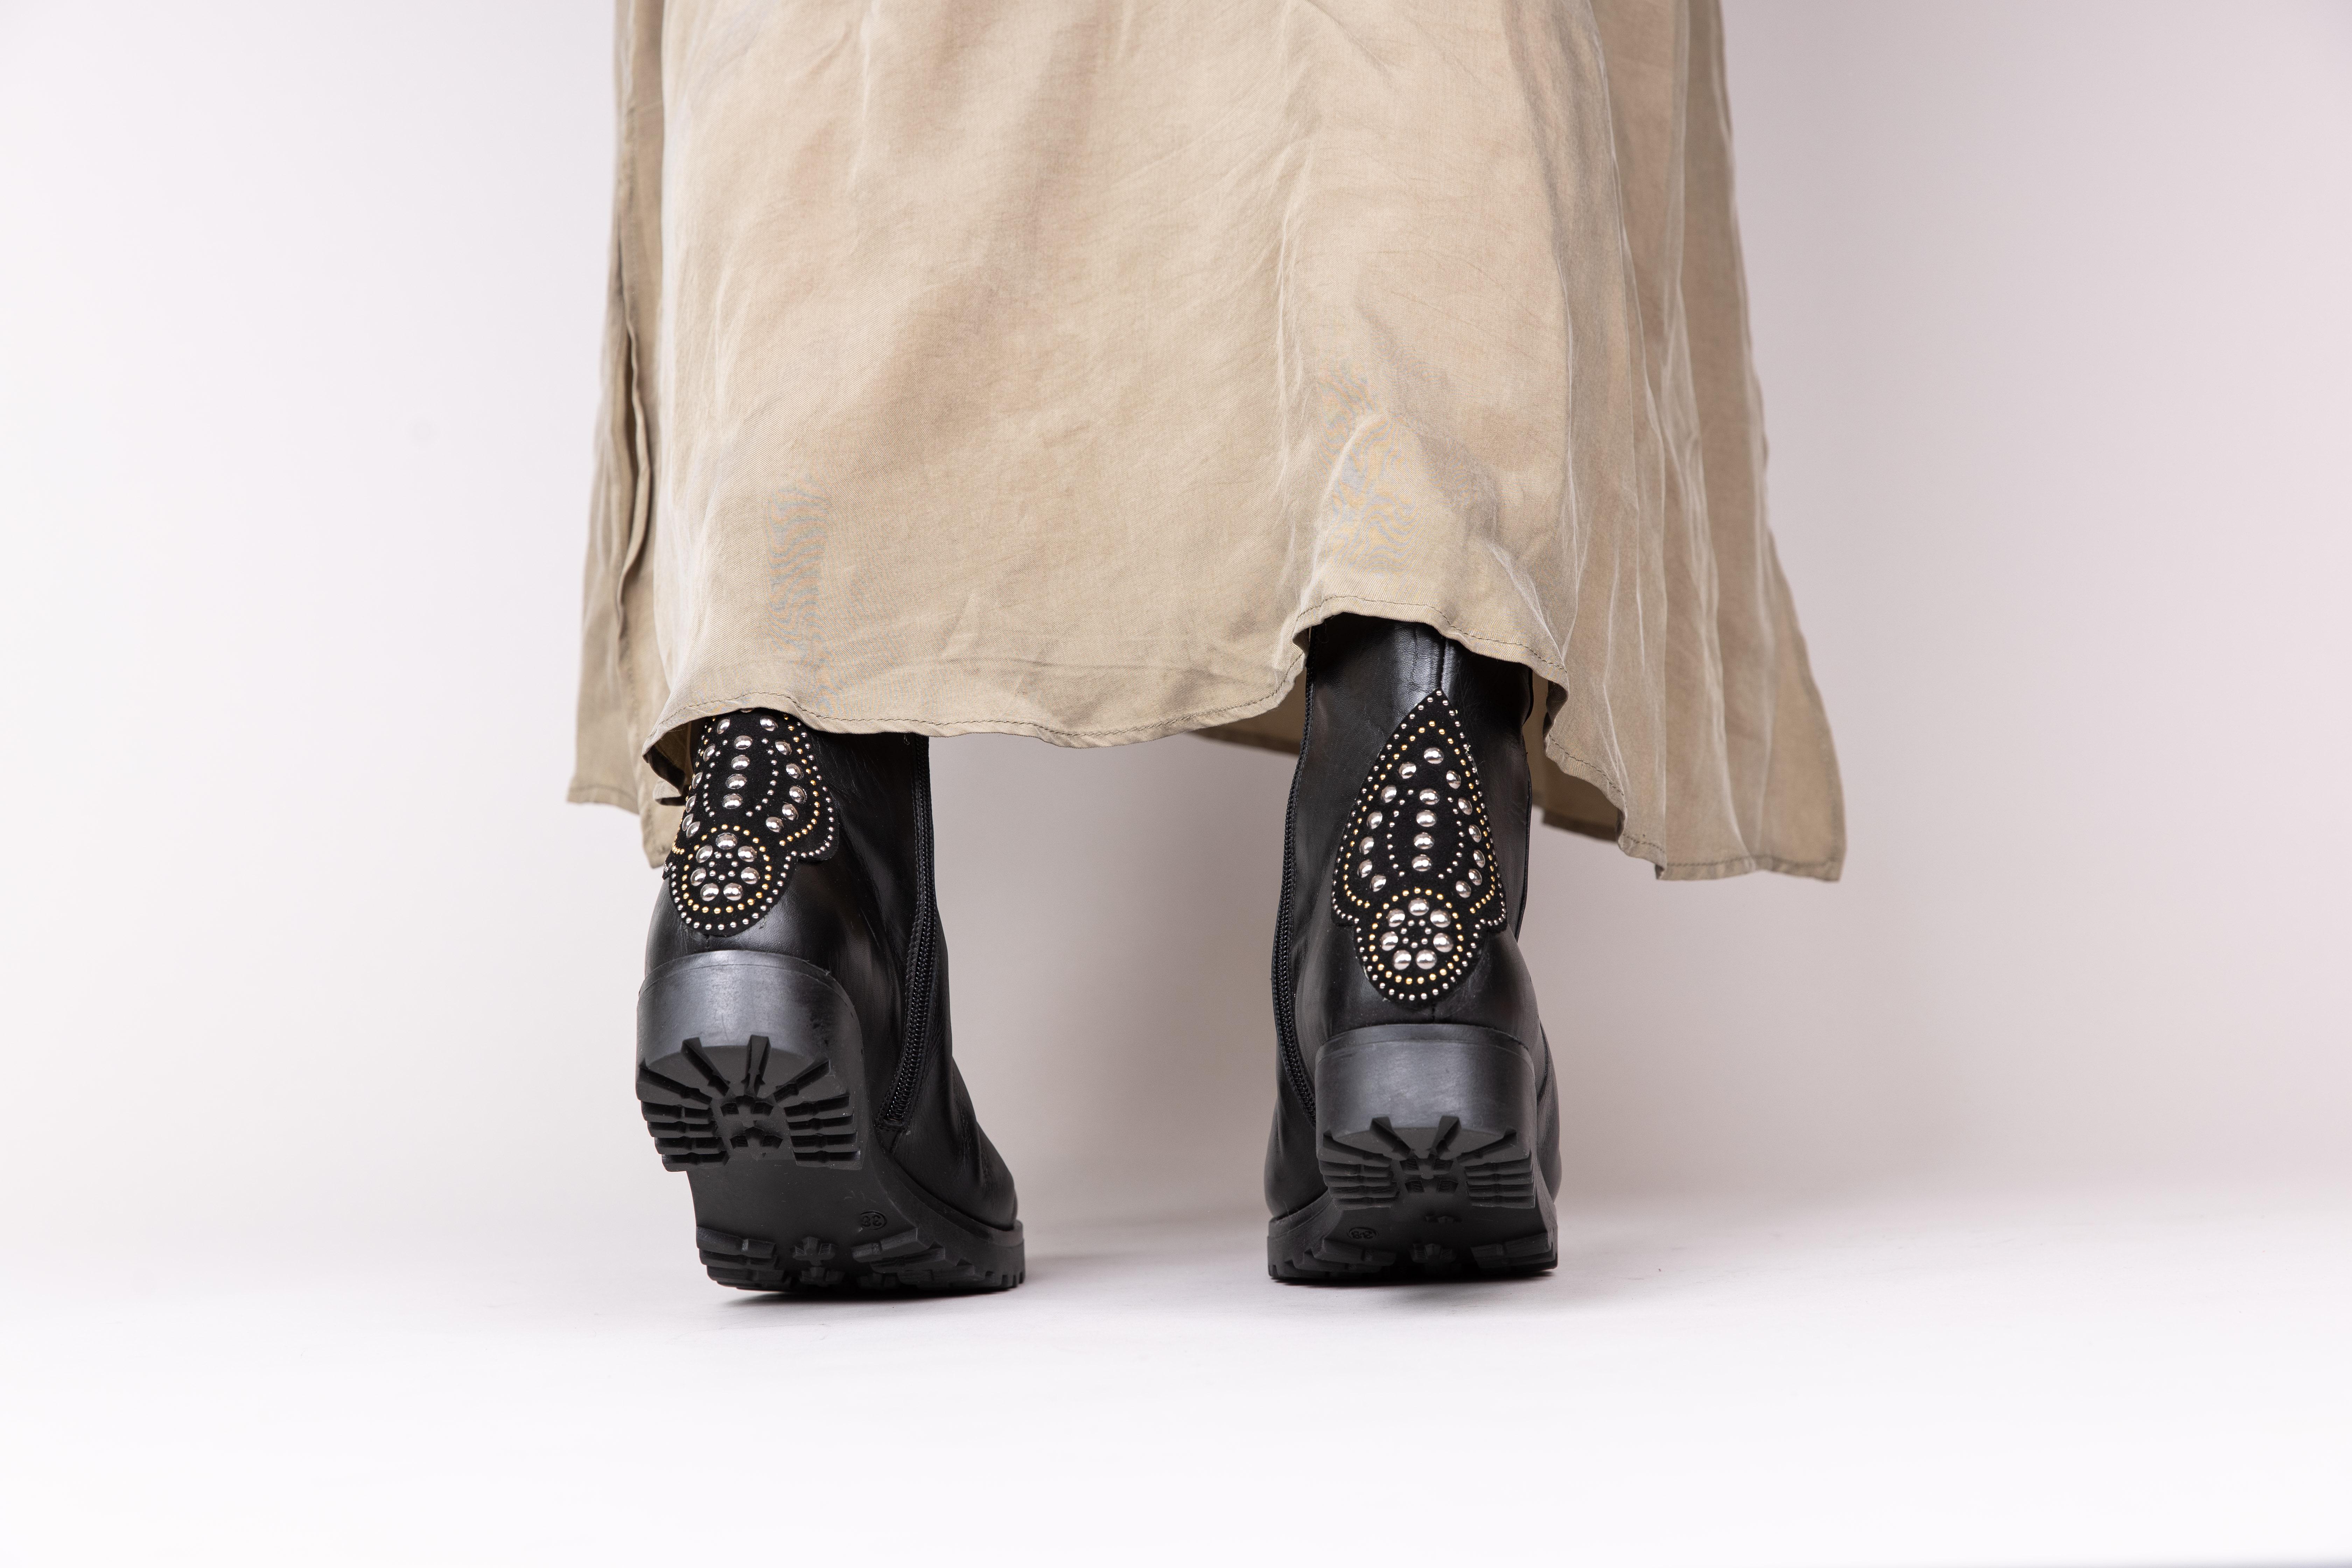 Bottines pour femme à talon en cuir noir esprit rock. Maison Via Roma.